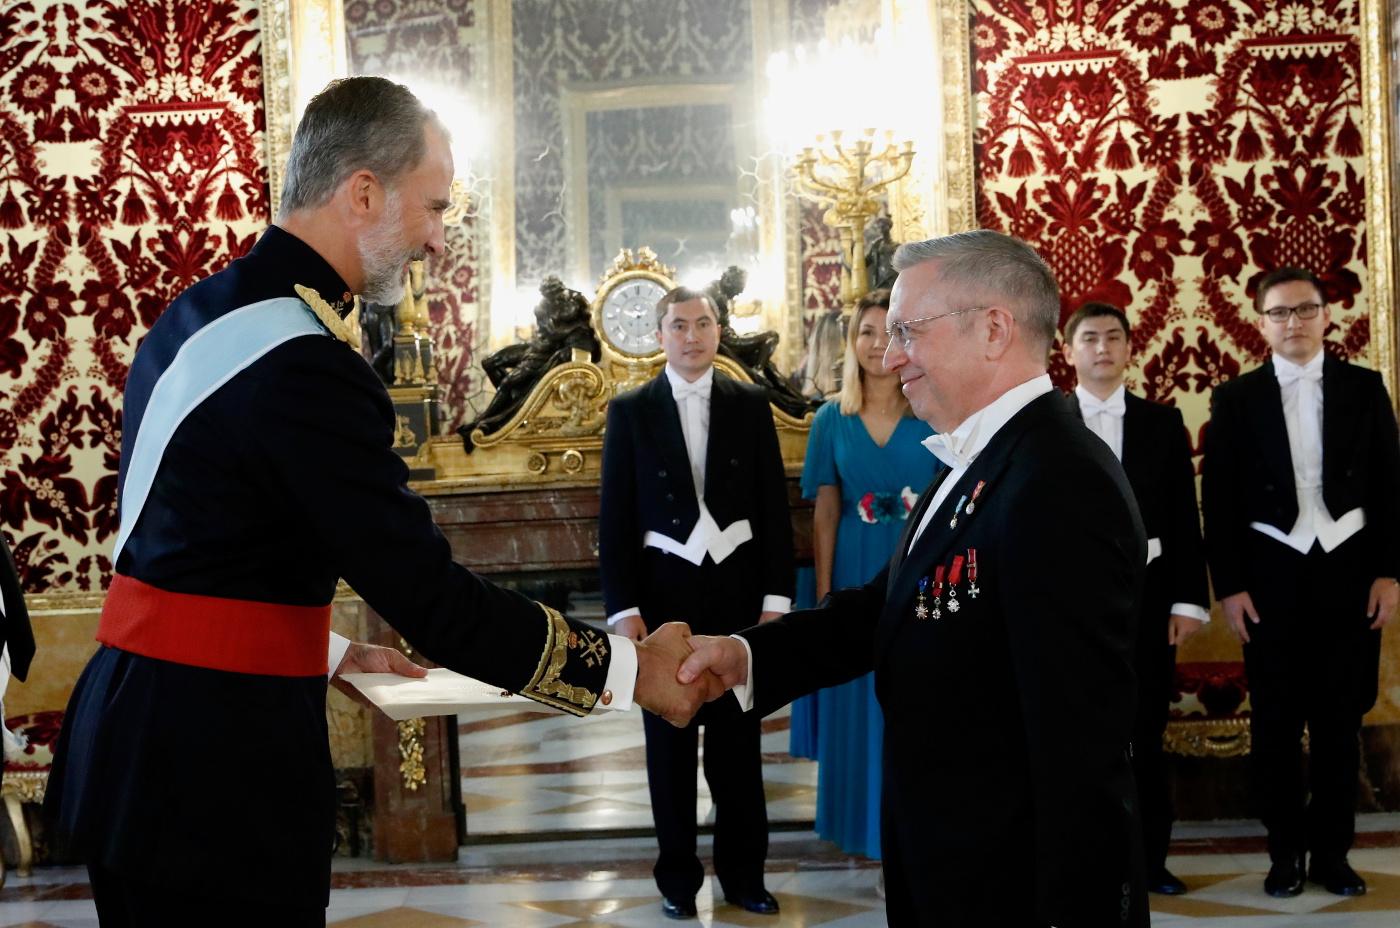 Посол Казахстана в Испании вручил верительные грамоты Королю